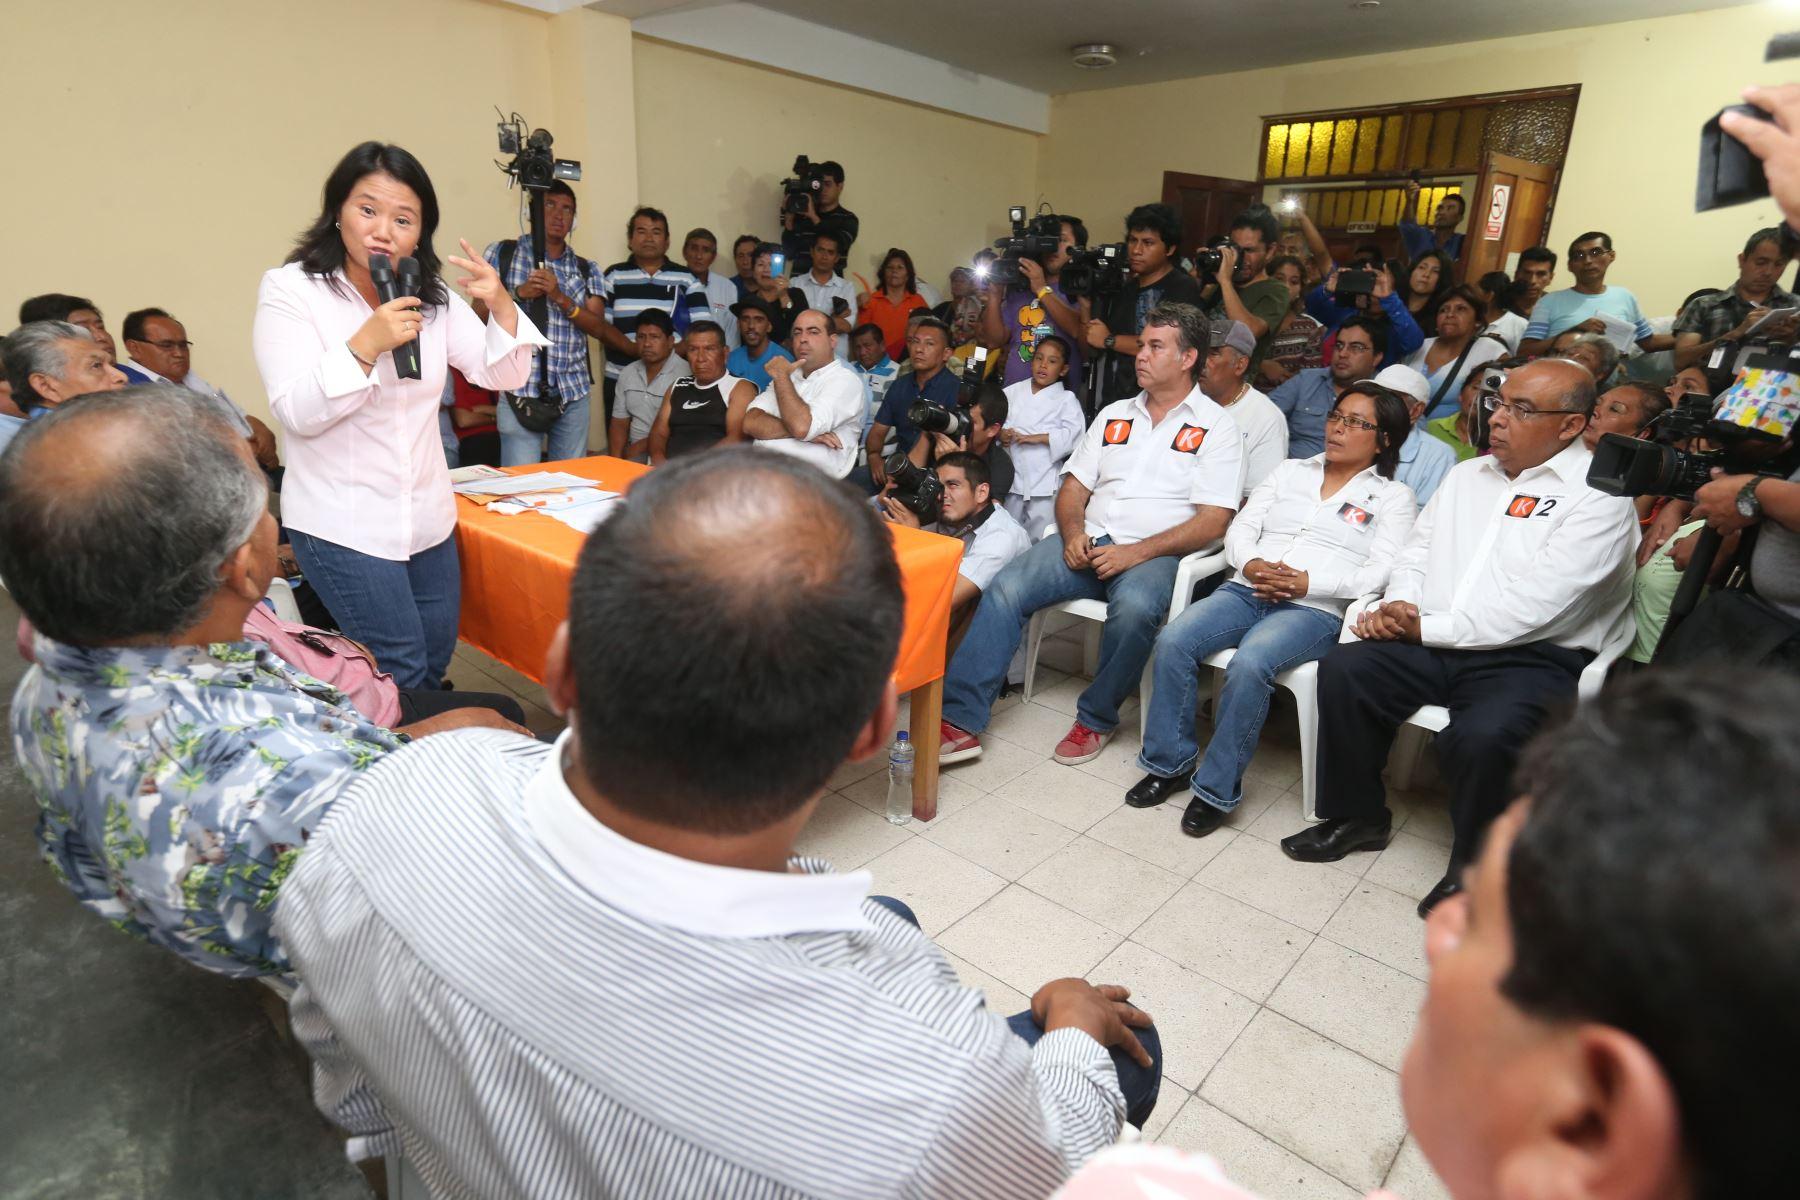 Keiko Fujimori dijo que le desea suerte a Keji en su decisión de acercase al Gobierno, e indicó que su carta de renuncia a Fuerza Popular fue aceptada.Foto: ANDINA/archivo.